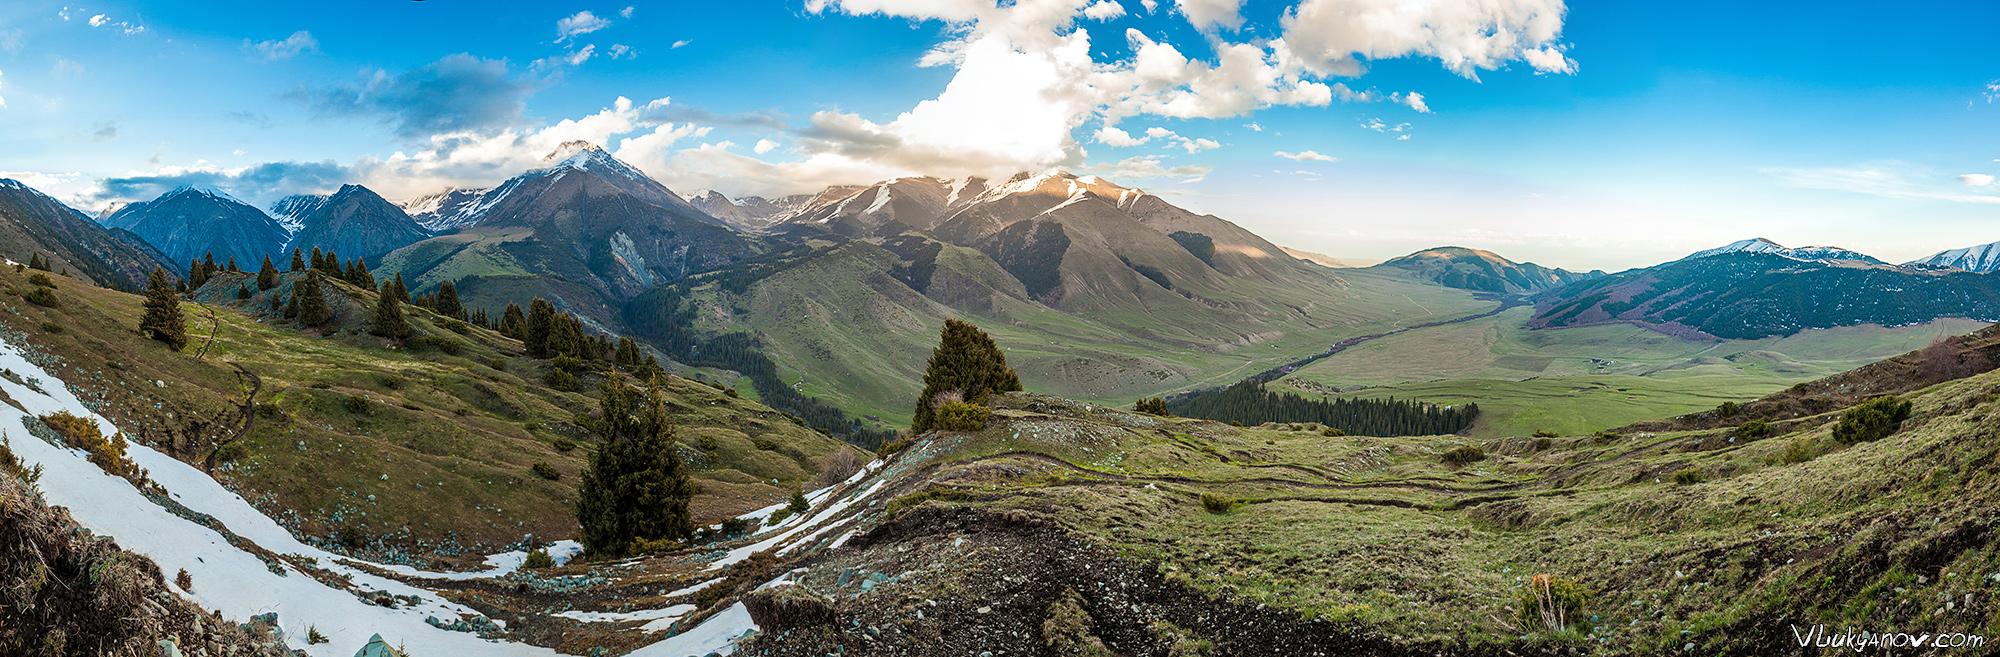 Панорама, Семеновское ущелье, Киргизия, Иссык-куль, Тянь-Шань, Поход, Владимир Лукьянов, Фотограф